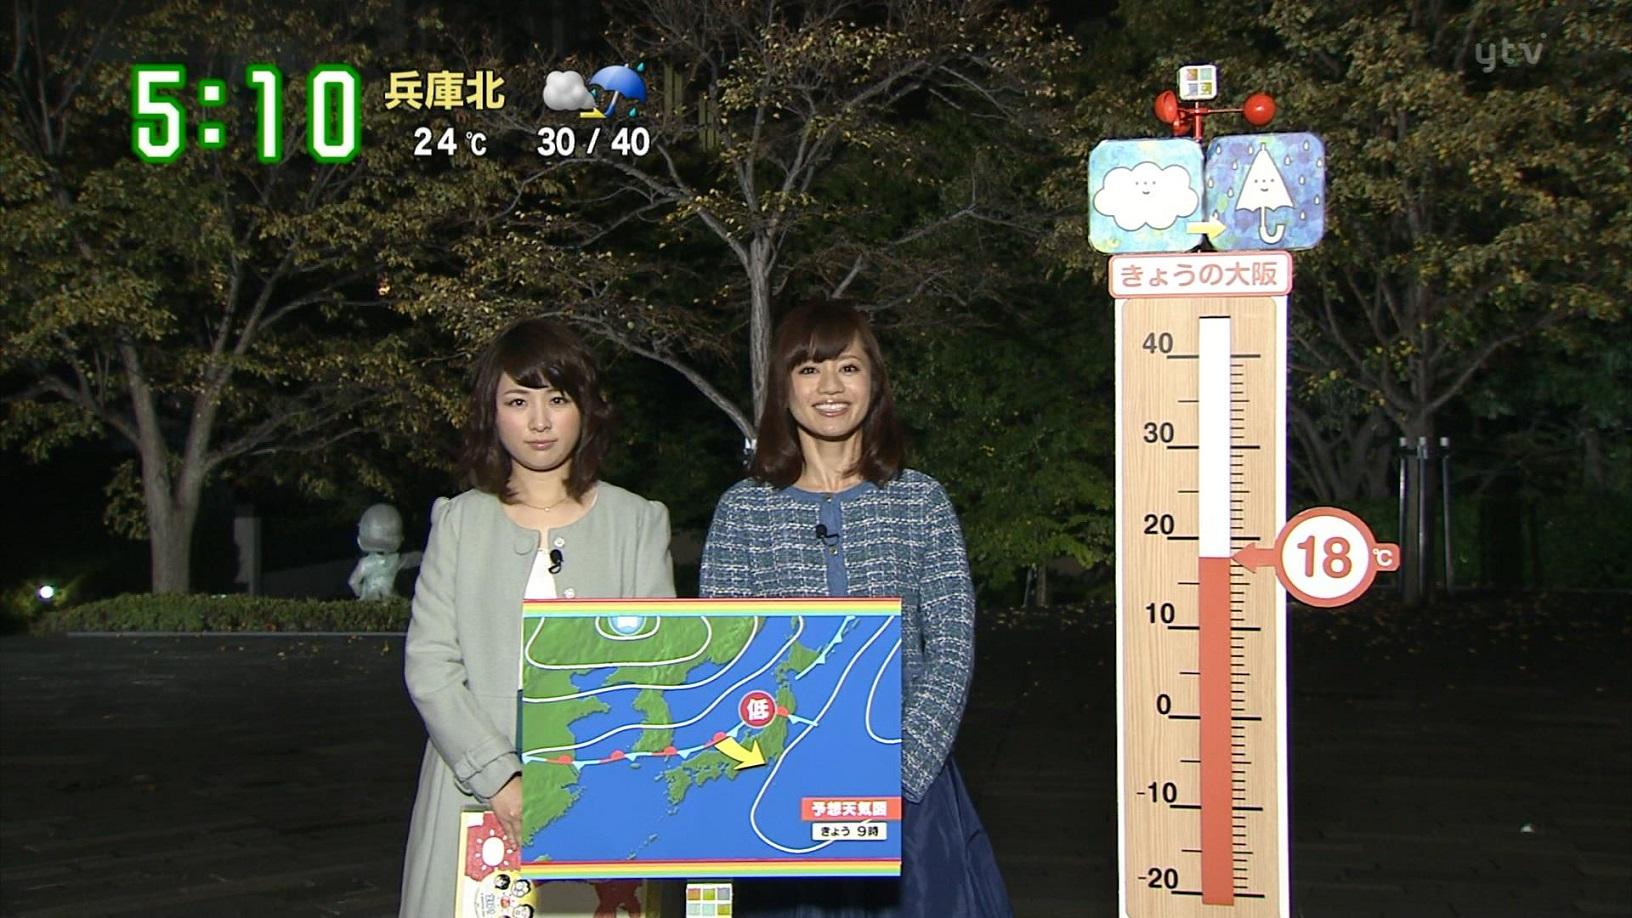 女子アナ画像.com  ytv☆吉田奈央タンコメント